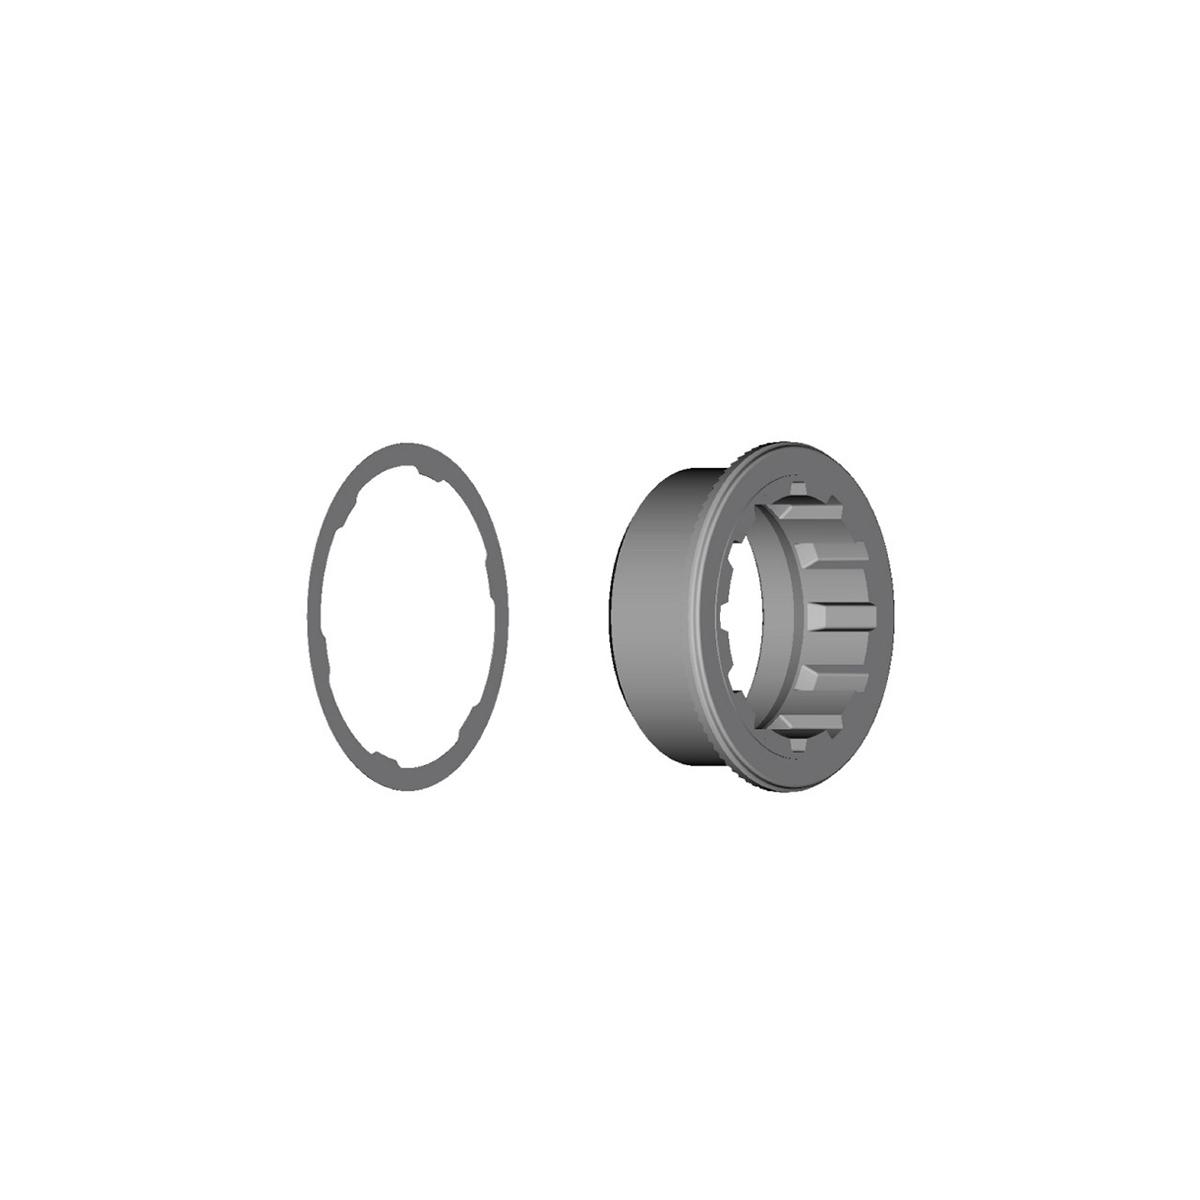 Lock ring e spessore per cassetta pignoni XT / SLX 12v